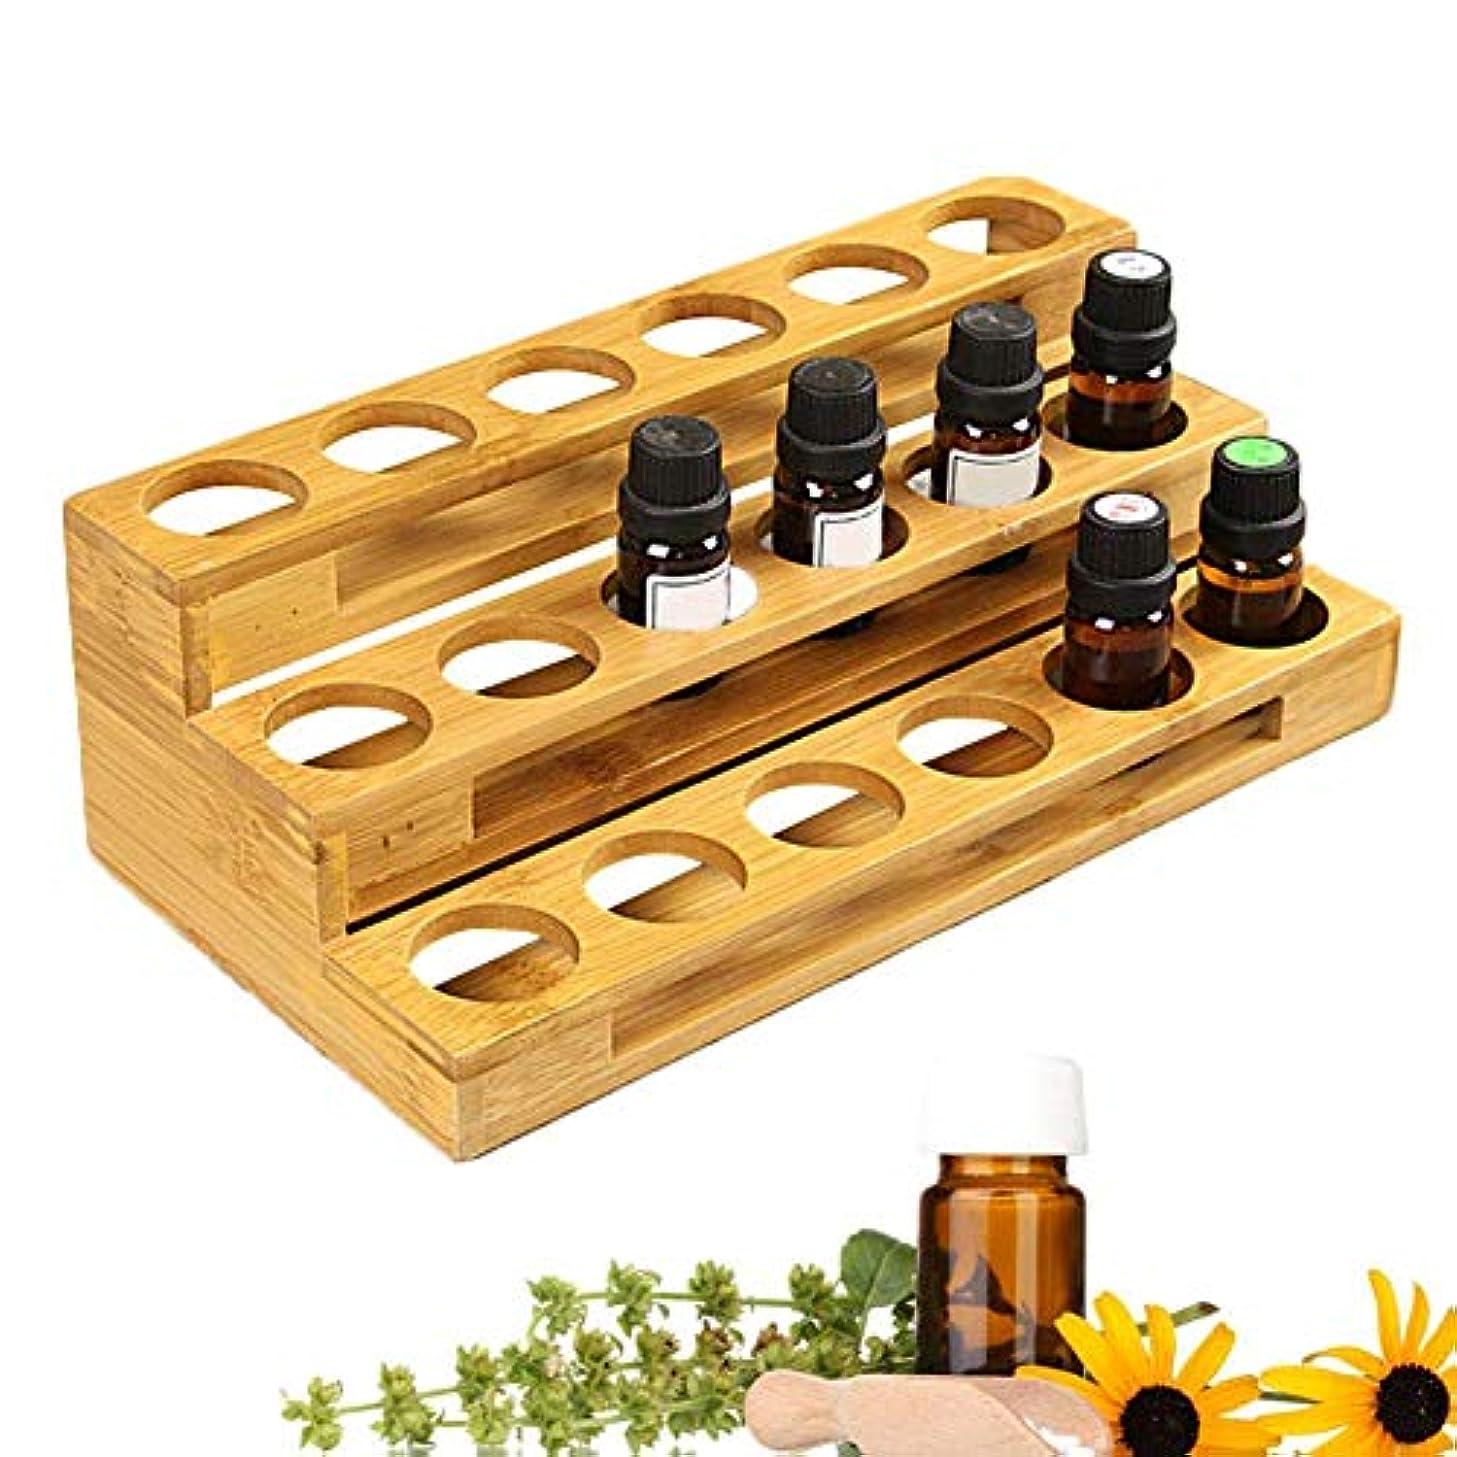 アブセイインフルエンザ誕生日PROKTH エッセンシャルオイル ケース 精油ケース 和風 木製 エッセンシャルオイル 香水収納 収納ボックス 回転式 大容量 コンパクト